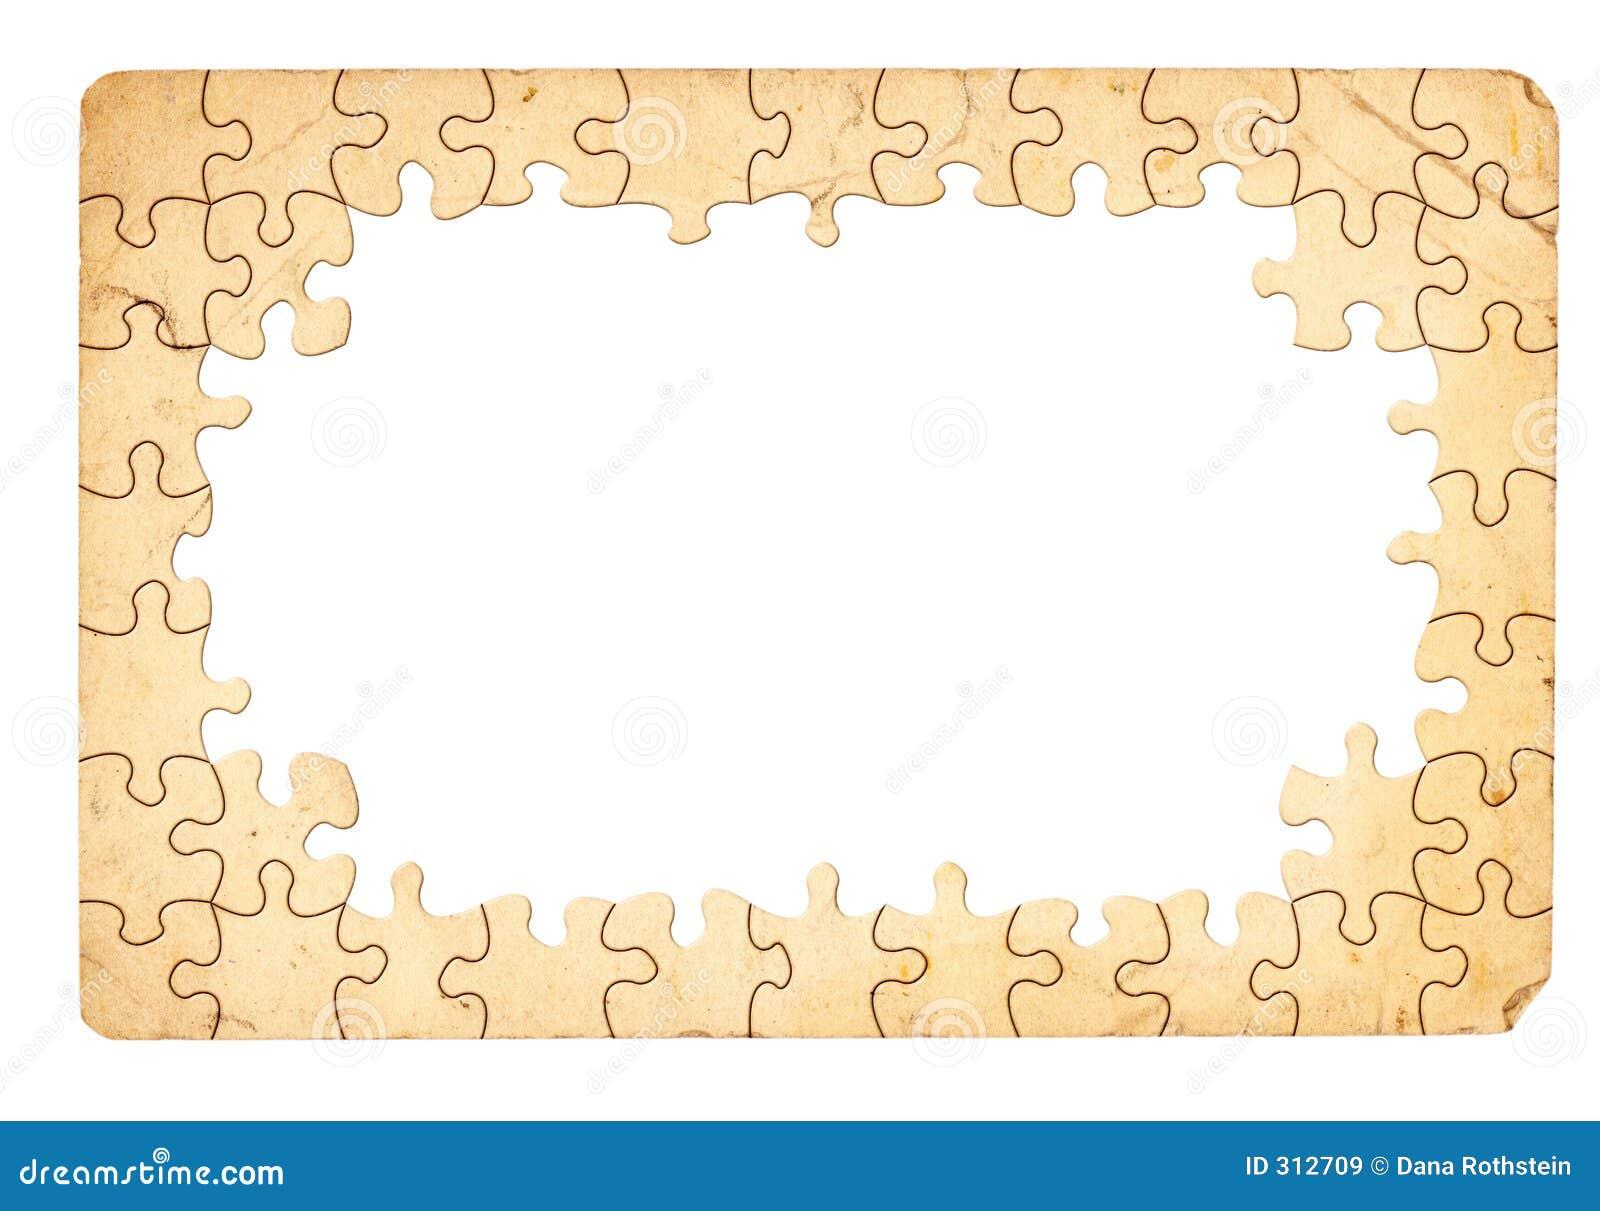 Part Of Door Or Window Frame Crossword Clue | Frameviewjdi.org